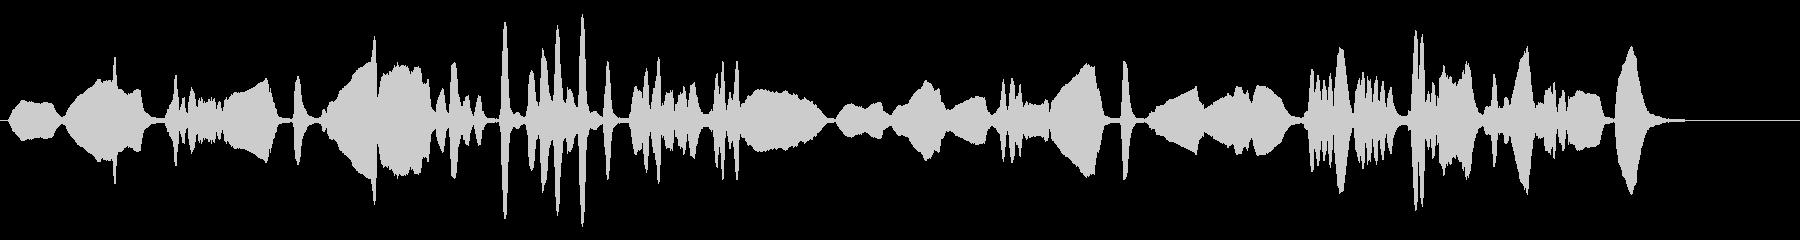 クラシカルなバイオリンソロの未再生の波形